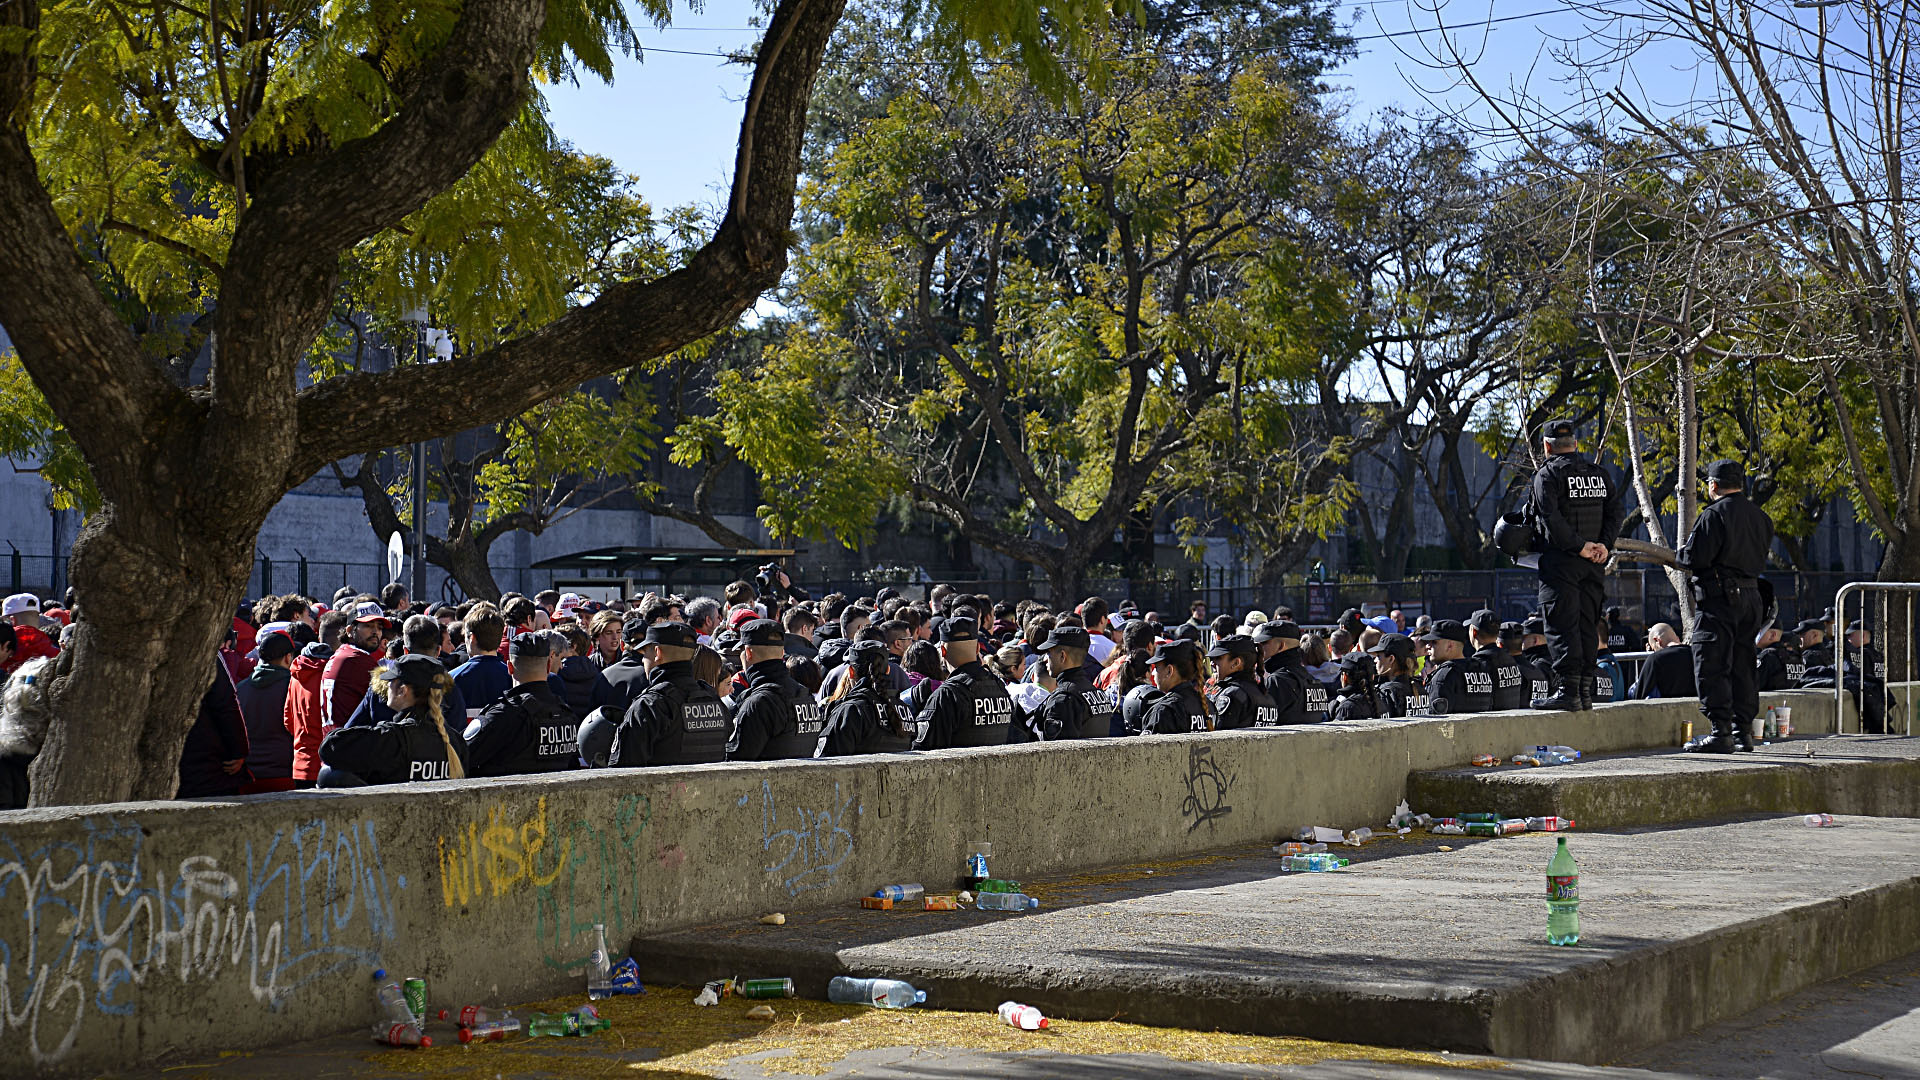 Con entradas agotadas, casi 70 mil espectadores acudieron al partido más importante del fútbol argentino